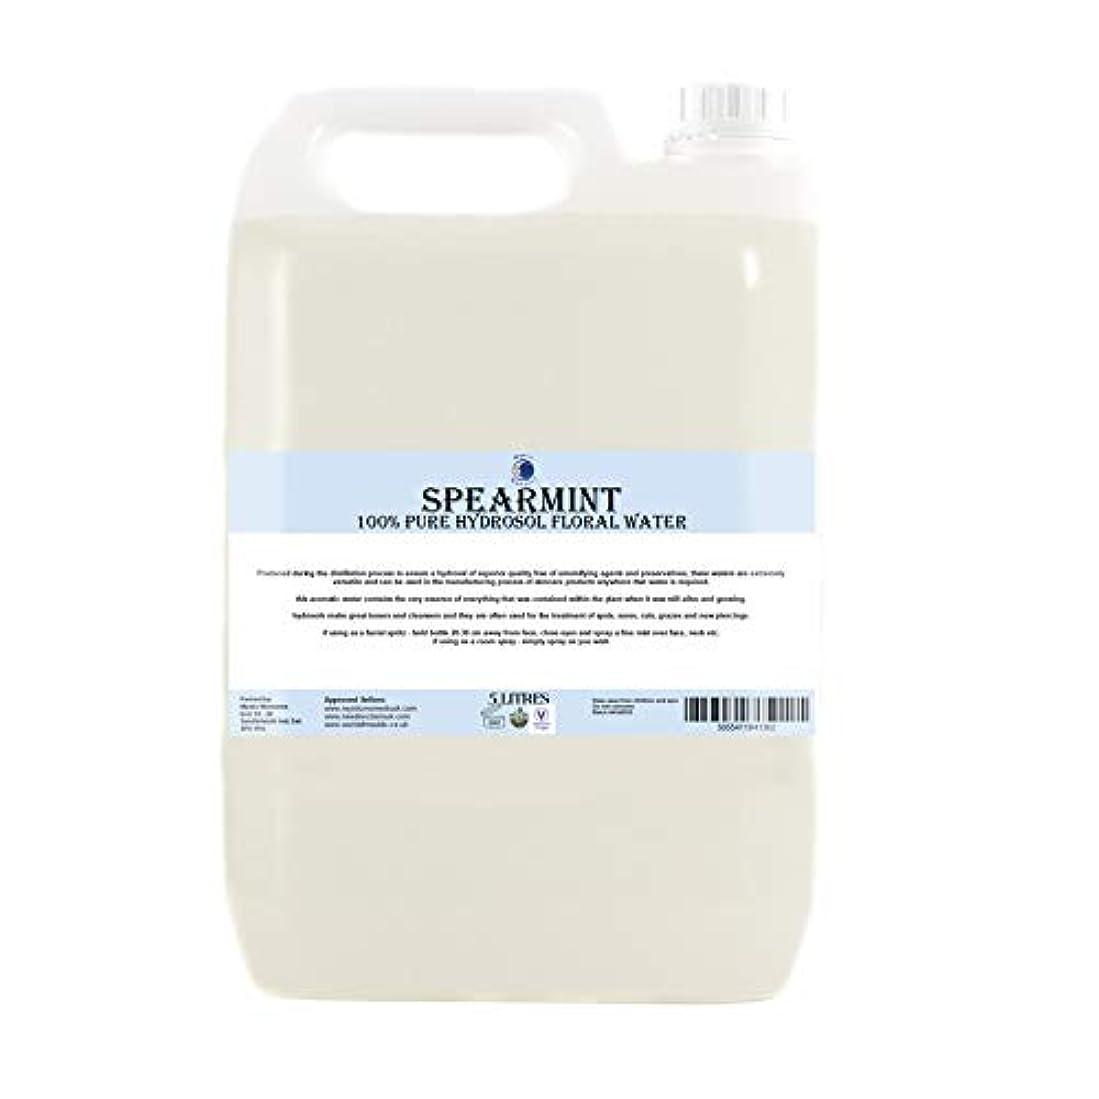 再びドロップニックネームSpearmint Hydrosol Floral Water - 5 Litres